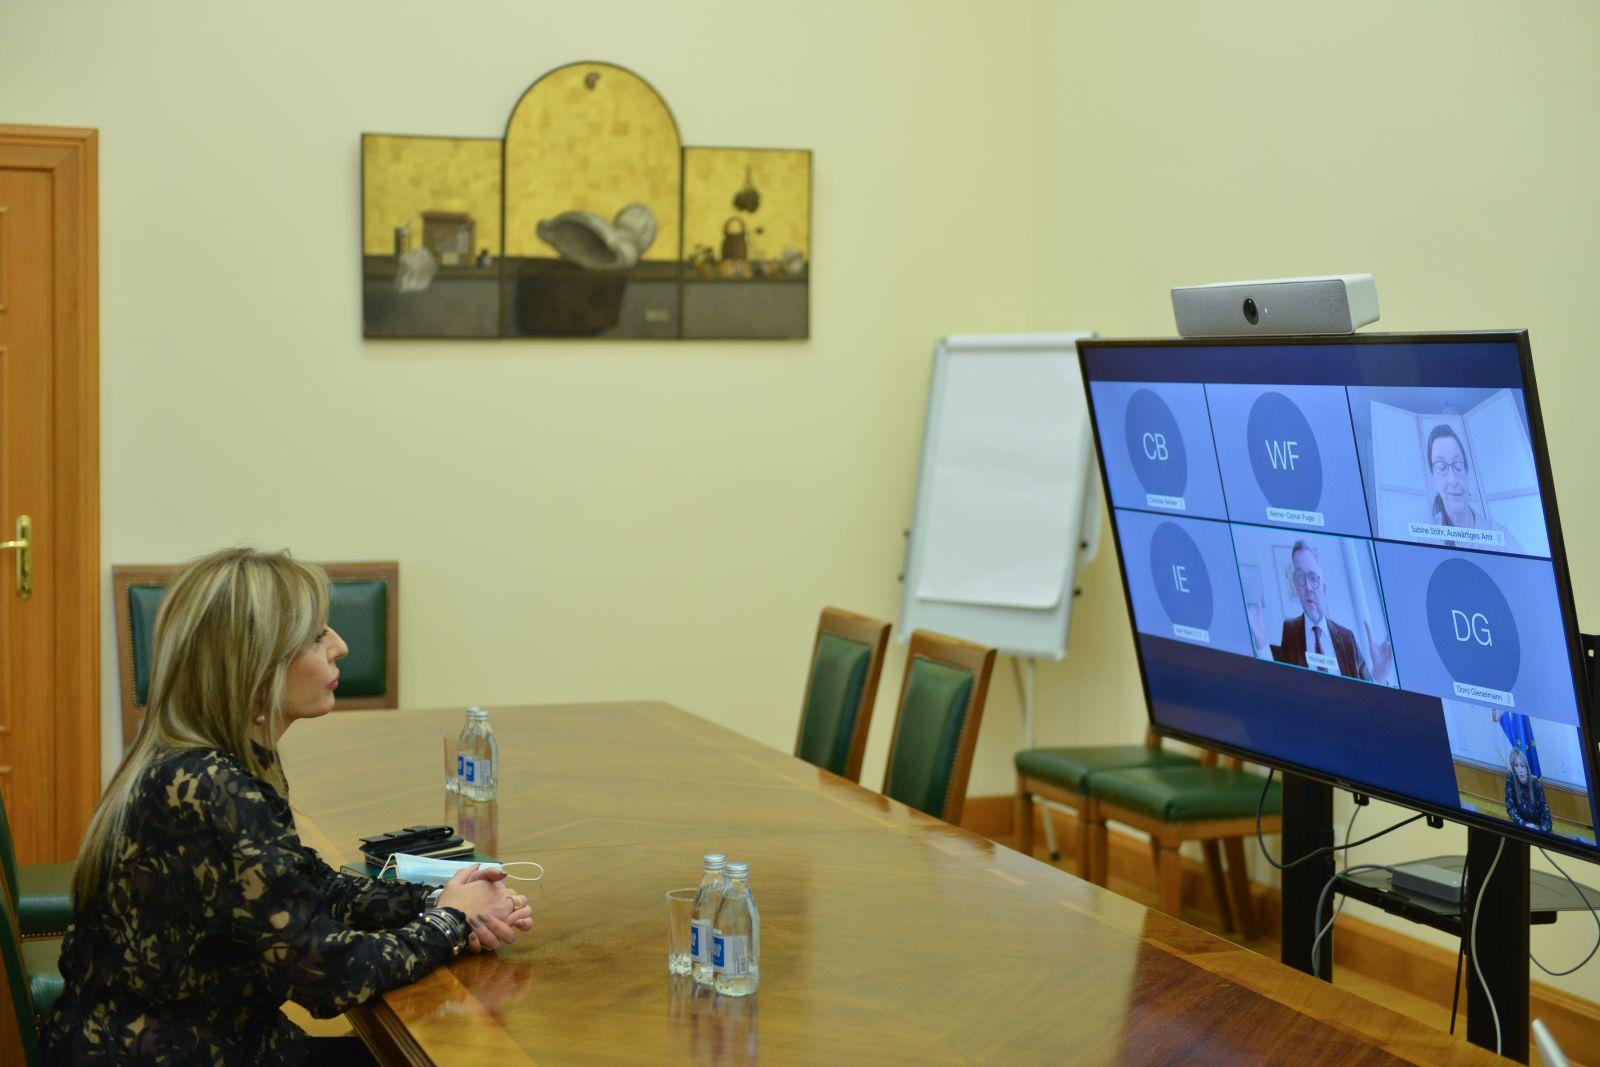 Јоксимовић и Рот о преговорима Србије и новој методологији